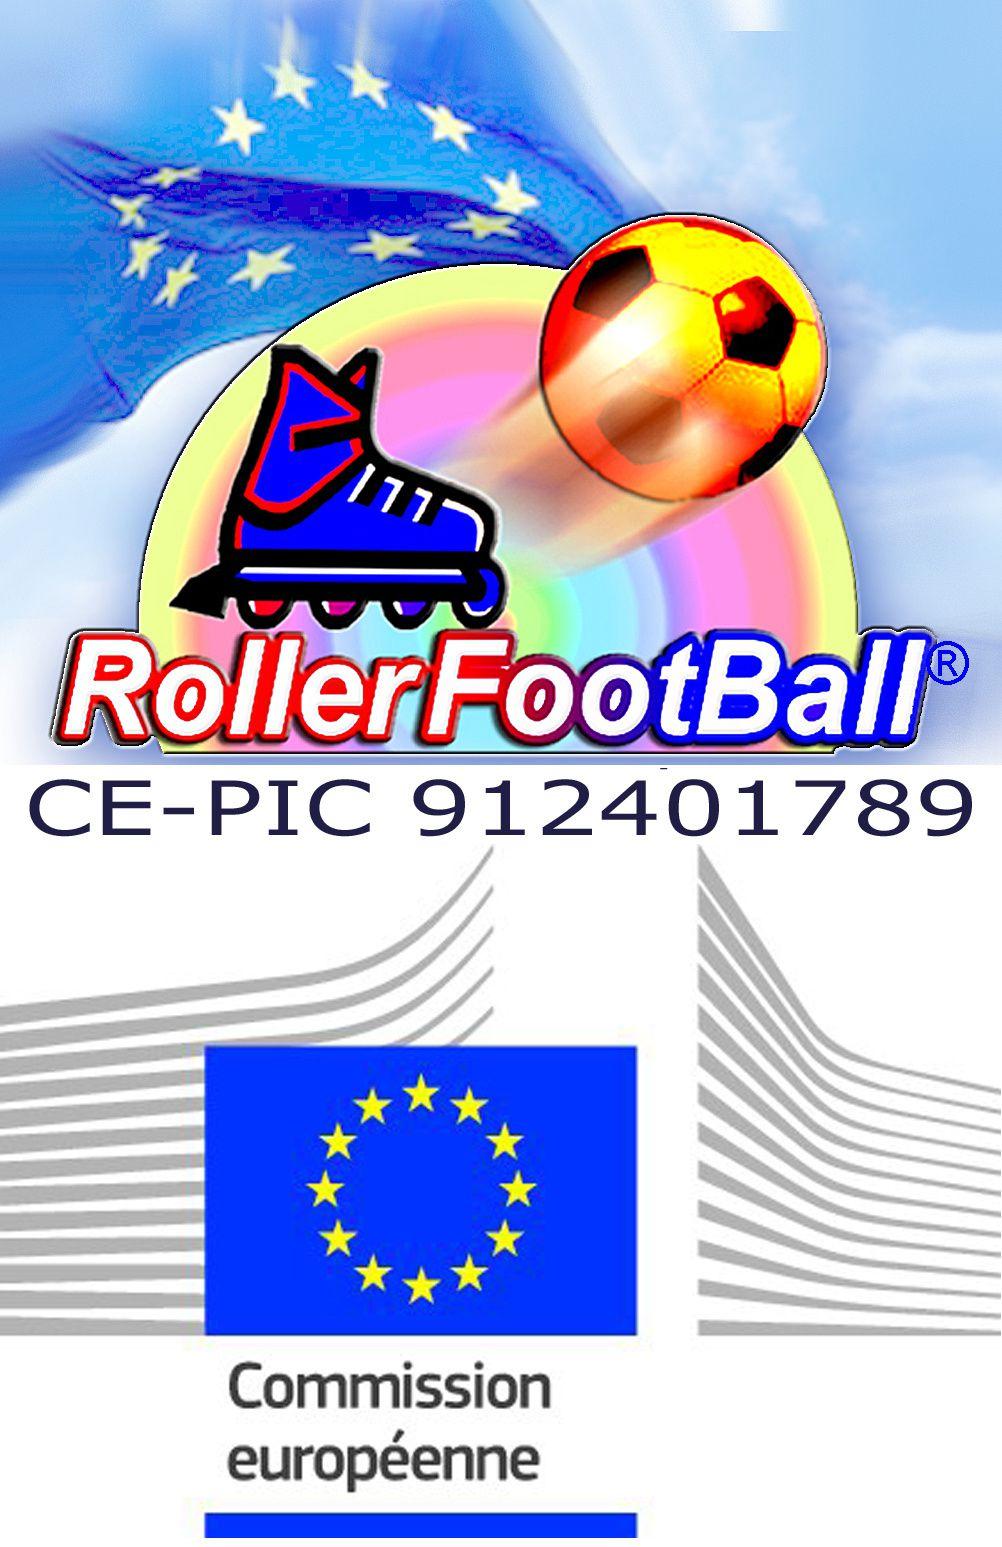 En accord avec l'AFRFB & Christian LEFEVRE, dans le cadre de l'appel à projet FIPD 2018, Nadia AQASBI en charge du PÔLE EUROPE DE DÉVELOPPEMENT ROLLERFOOTBALL© organise la 2ème rencontre Européenne « RollerFootBall© Le Respect Autrement »